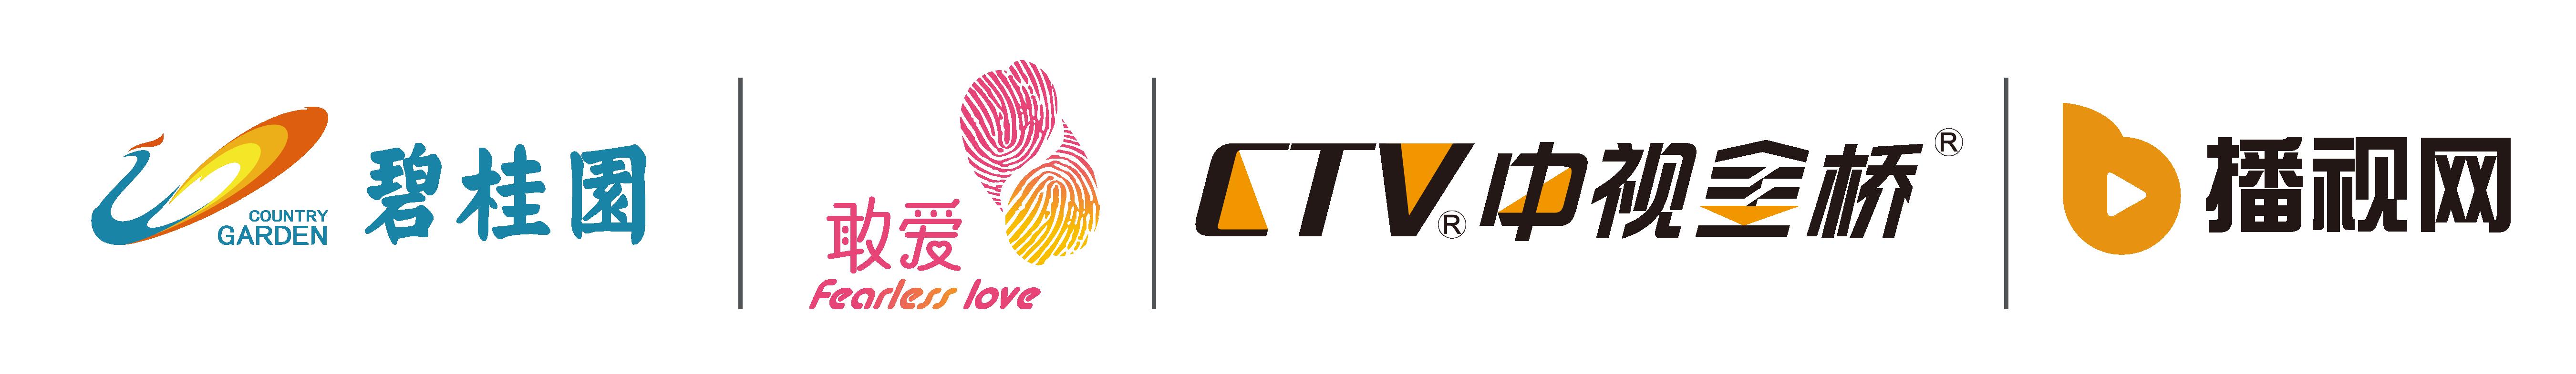 碧桂园敢爱新时代logo